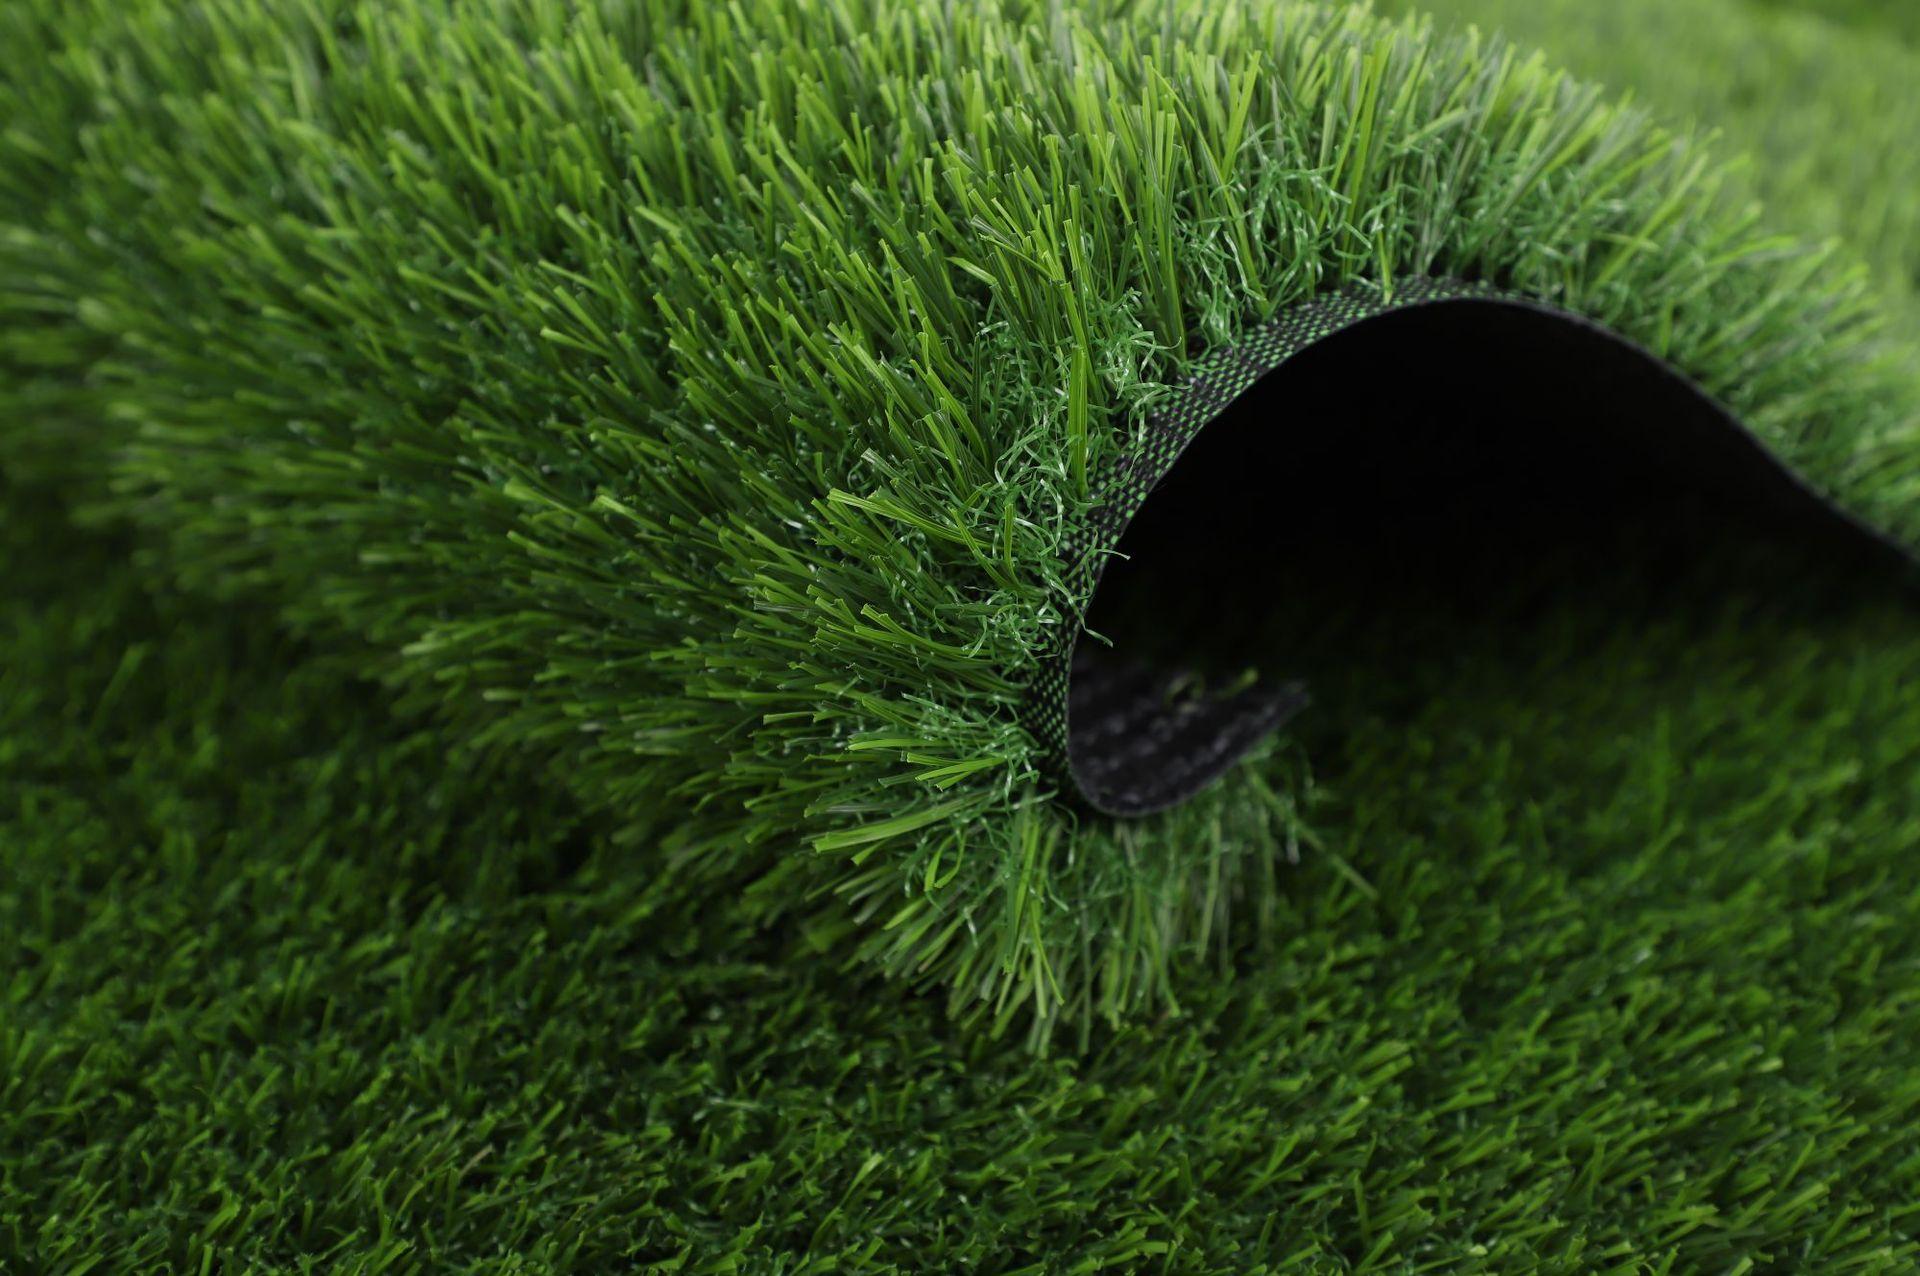 供應幼兒園專用加密仿真草坪 足球場草坪 樓頂綠化草坪示例圖6